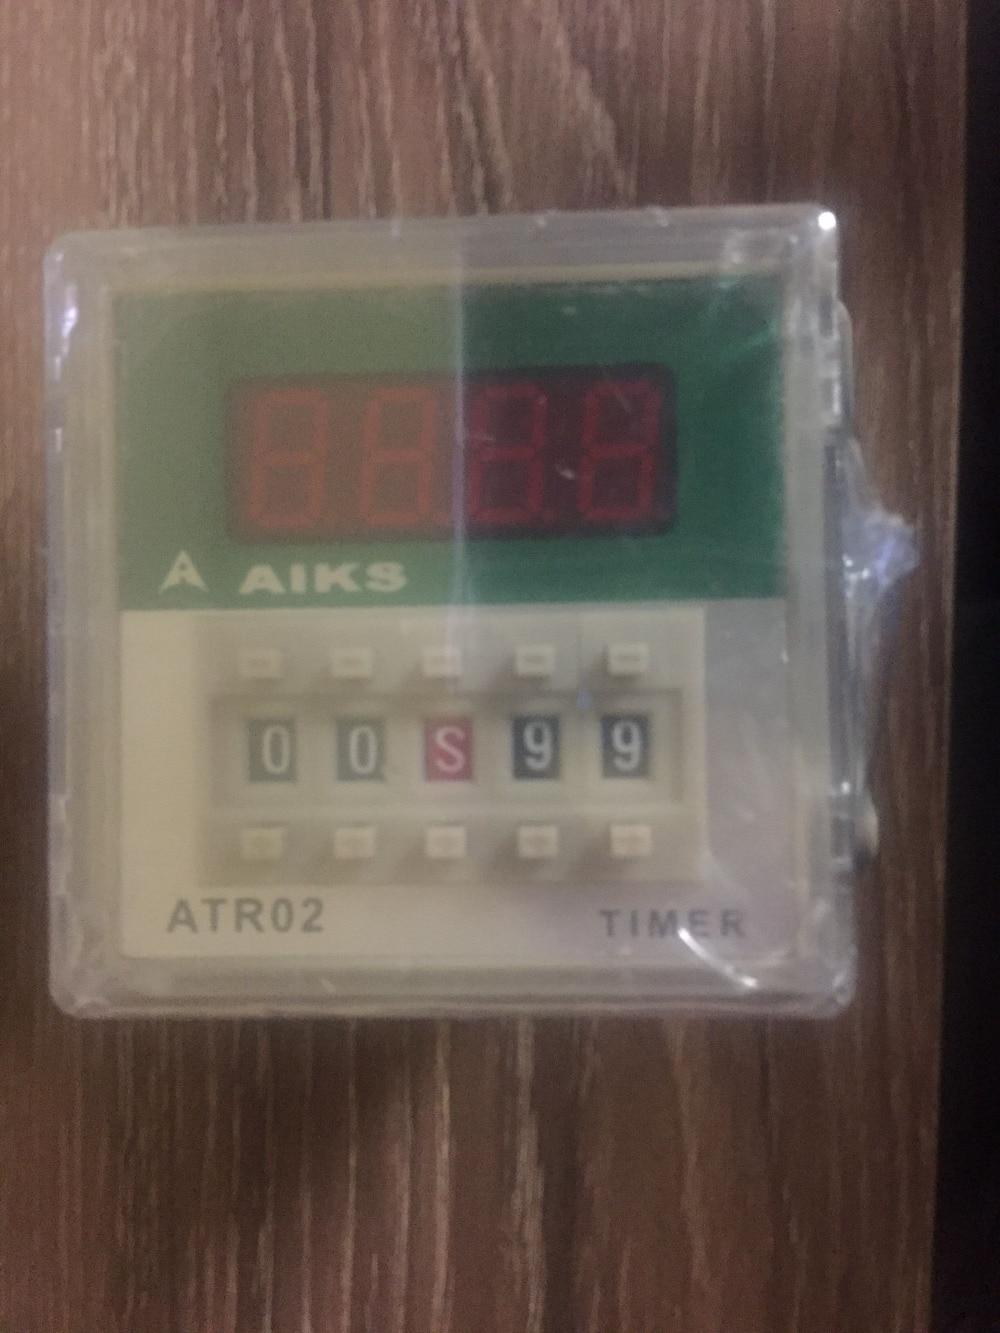 все цены на  AIKS AUX time relay ATR02-B2 AC220V perfect alternative DH48S  онлайн